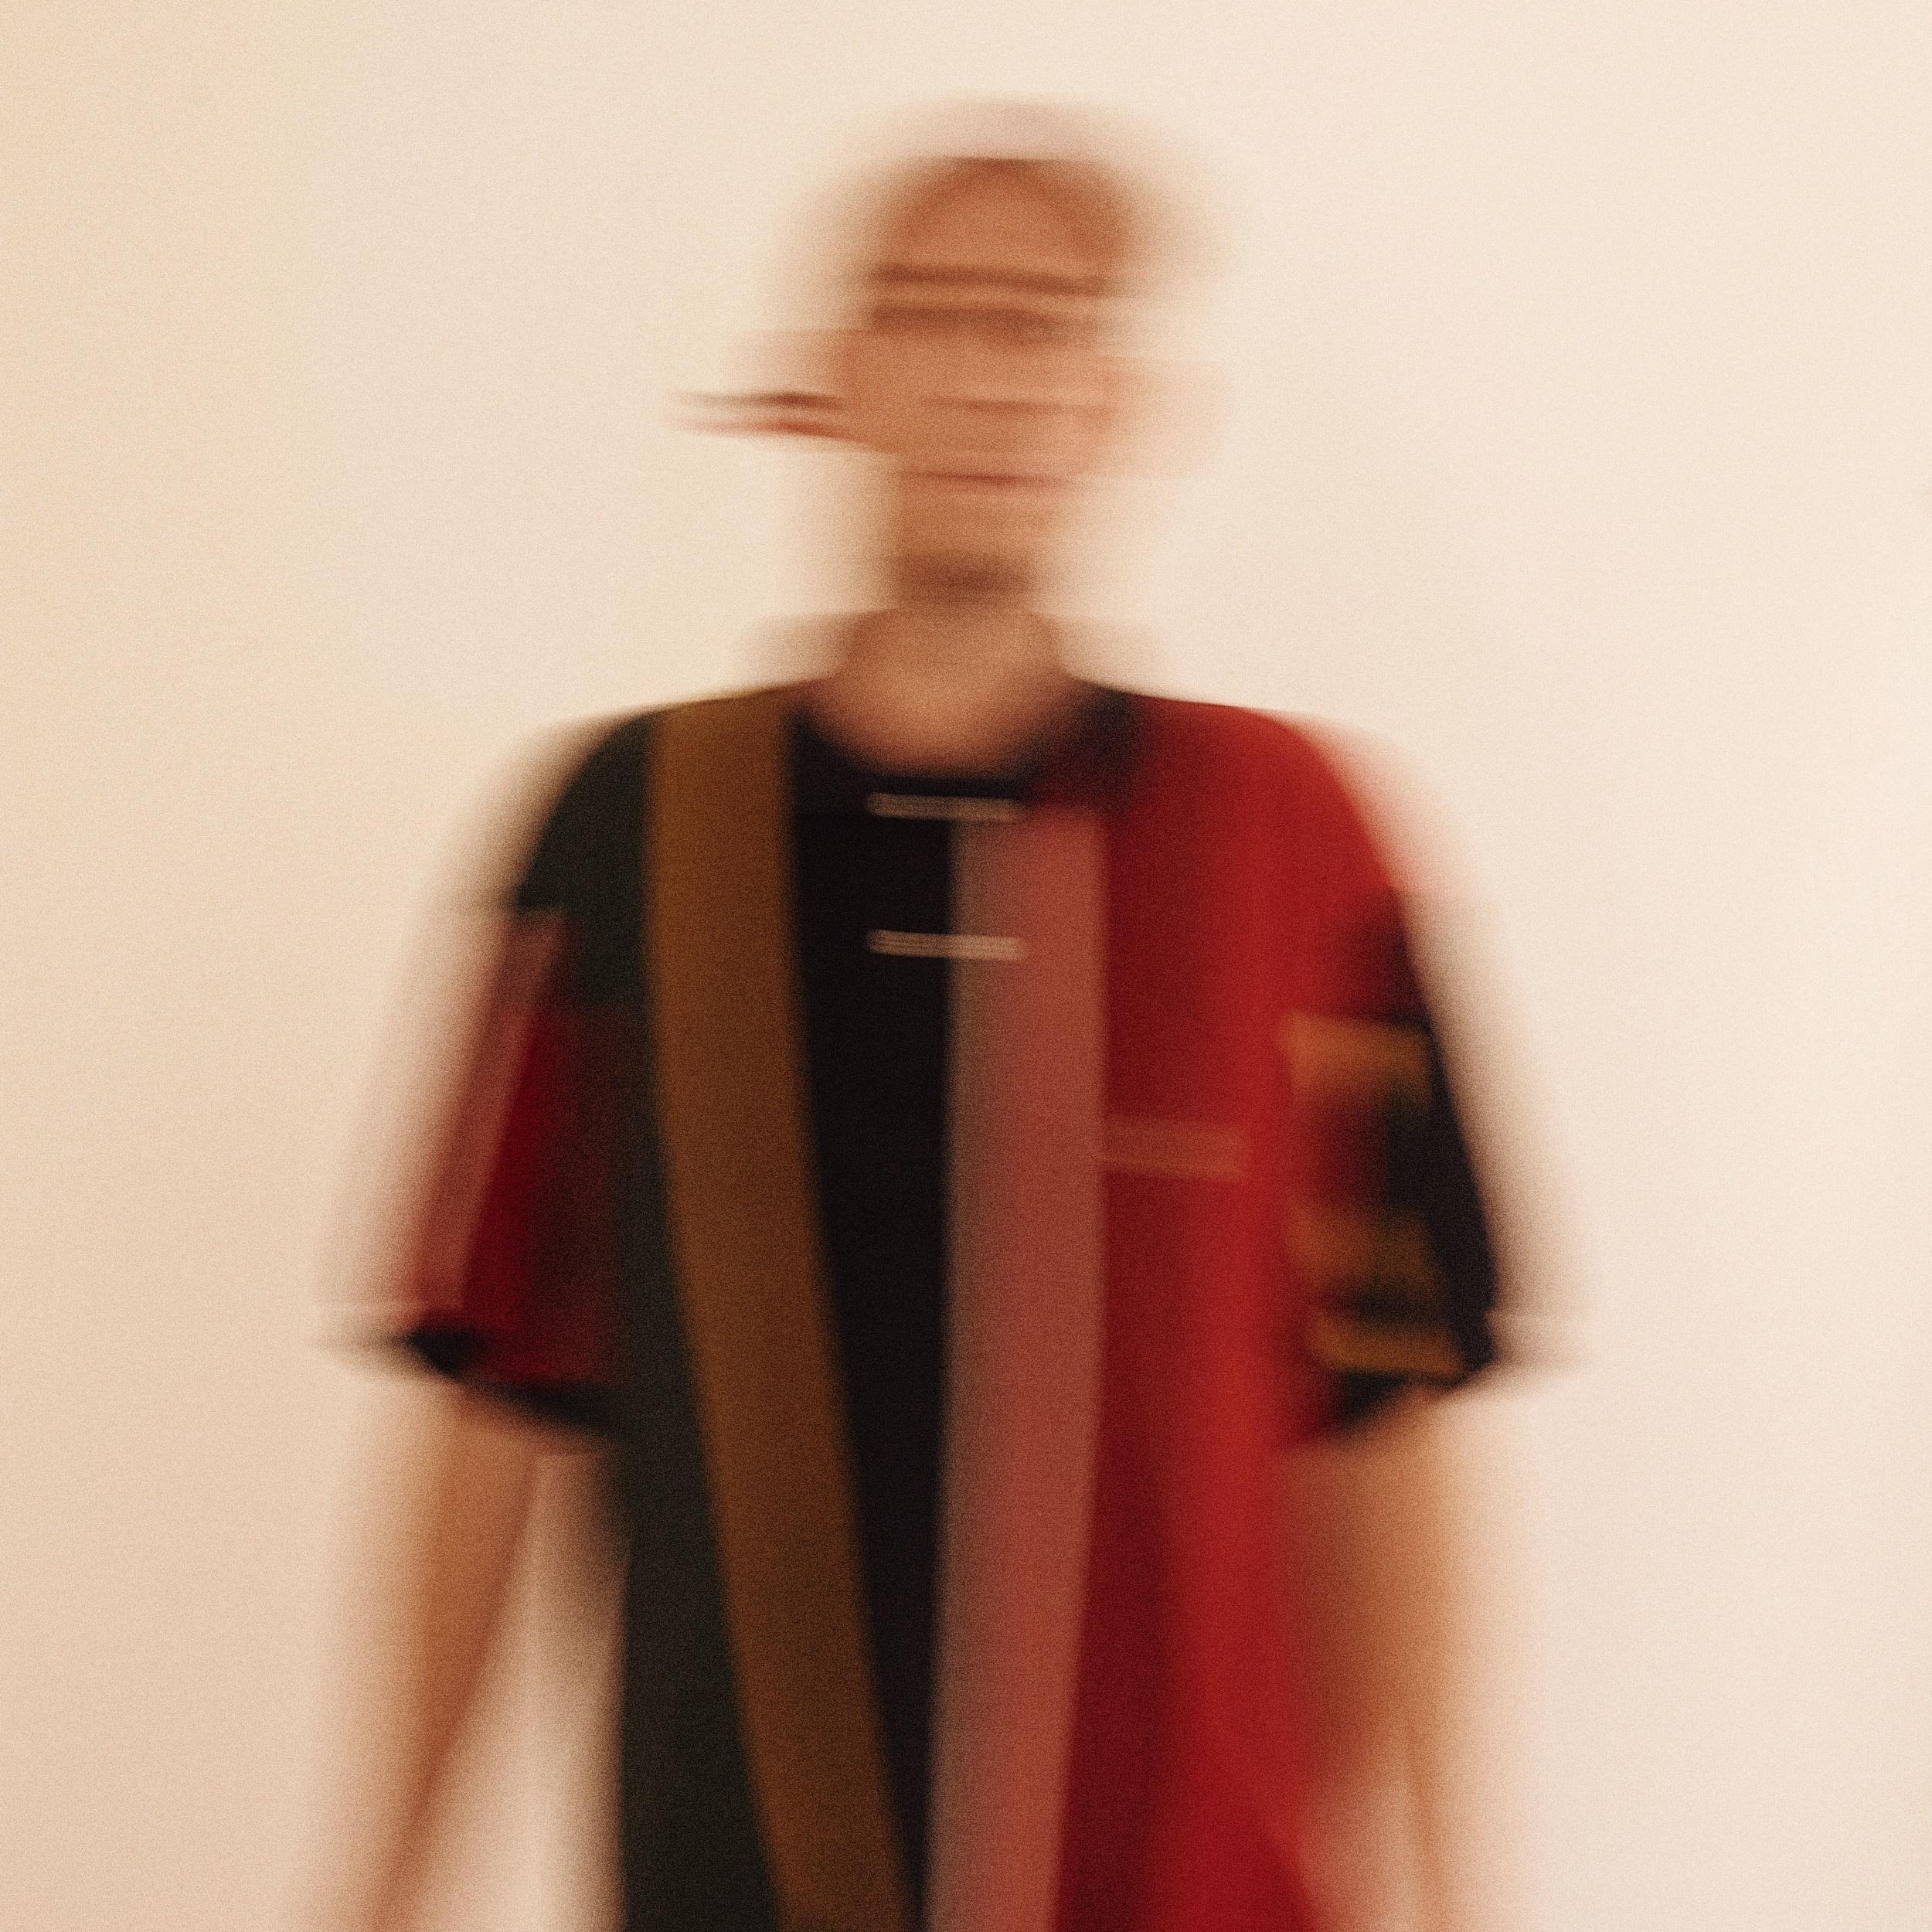 SLAMB - Quartet Series / Blaq NumbersFacebook / Soundcloud